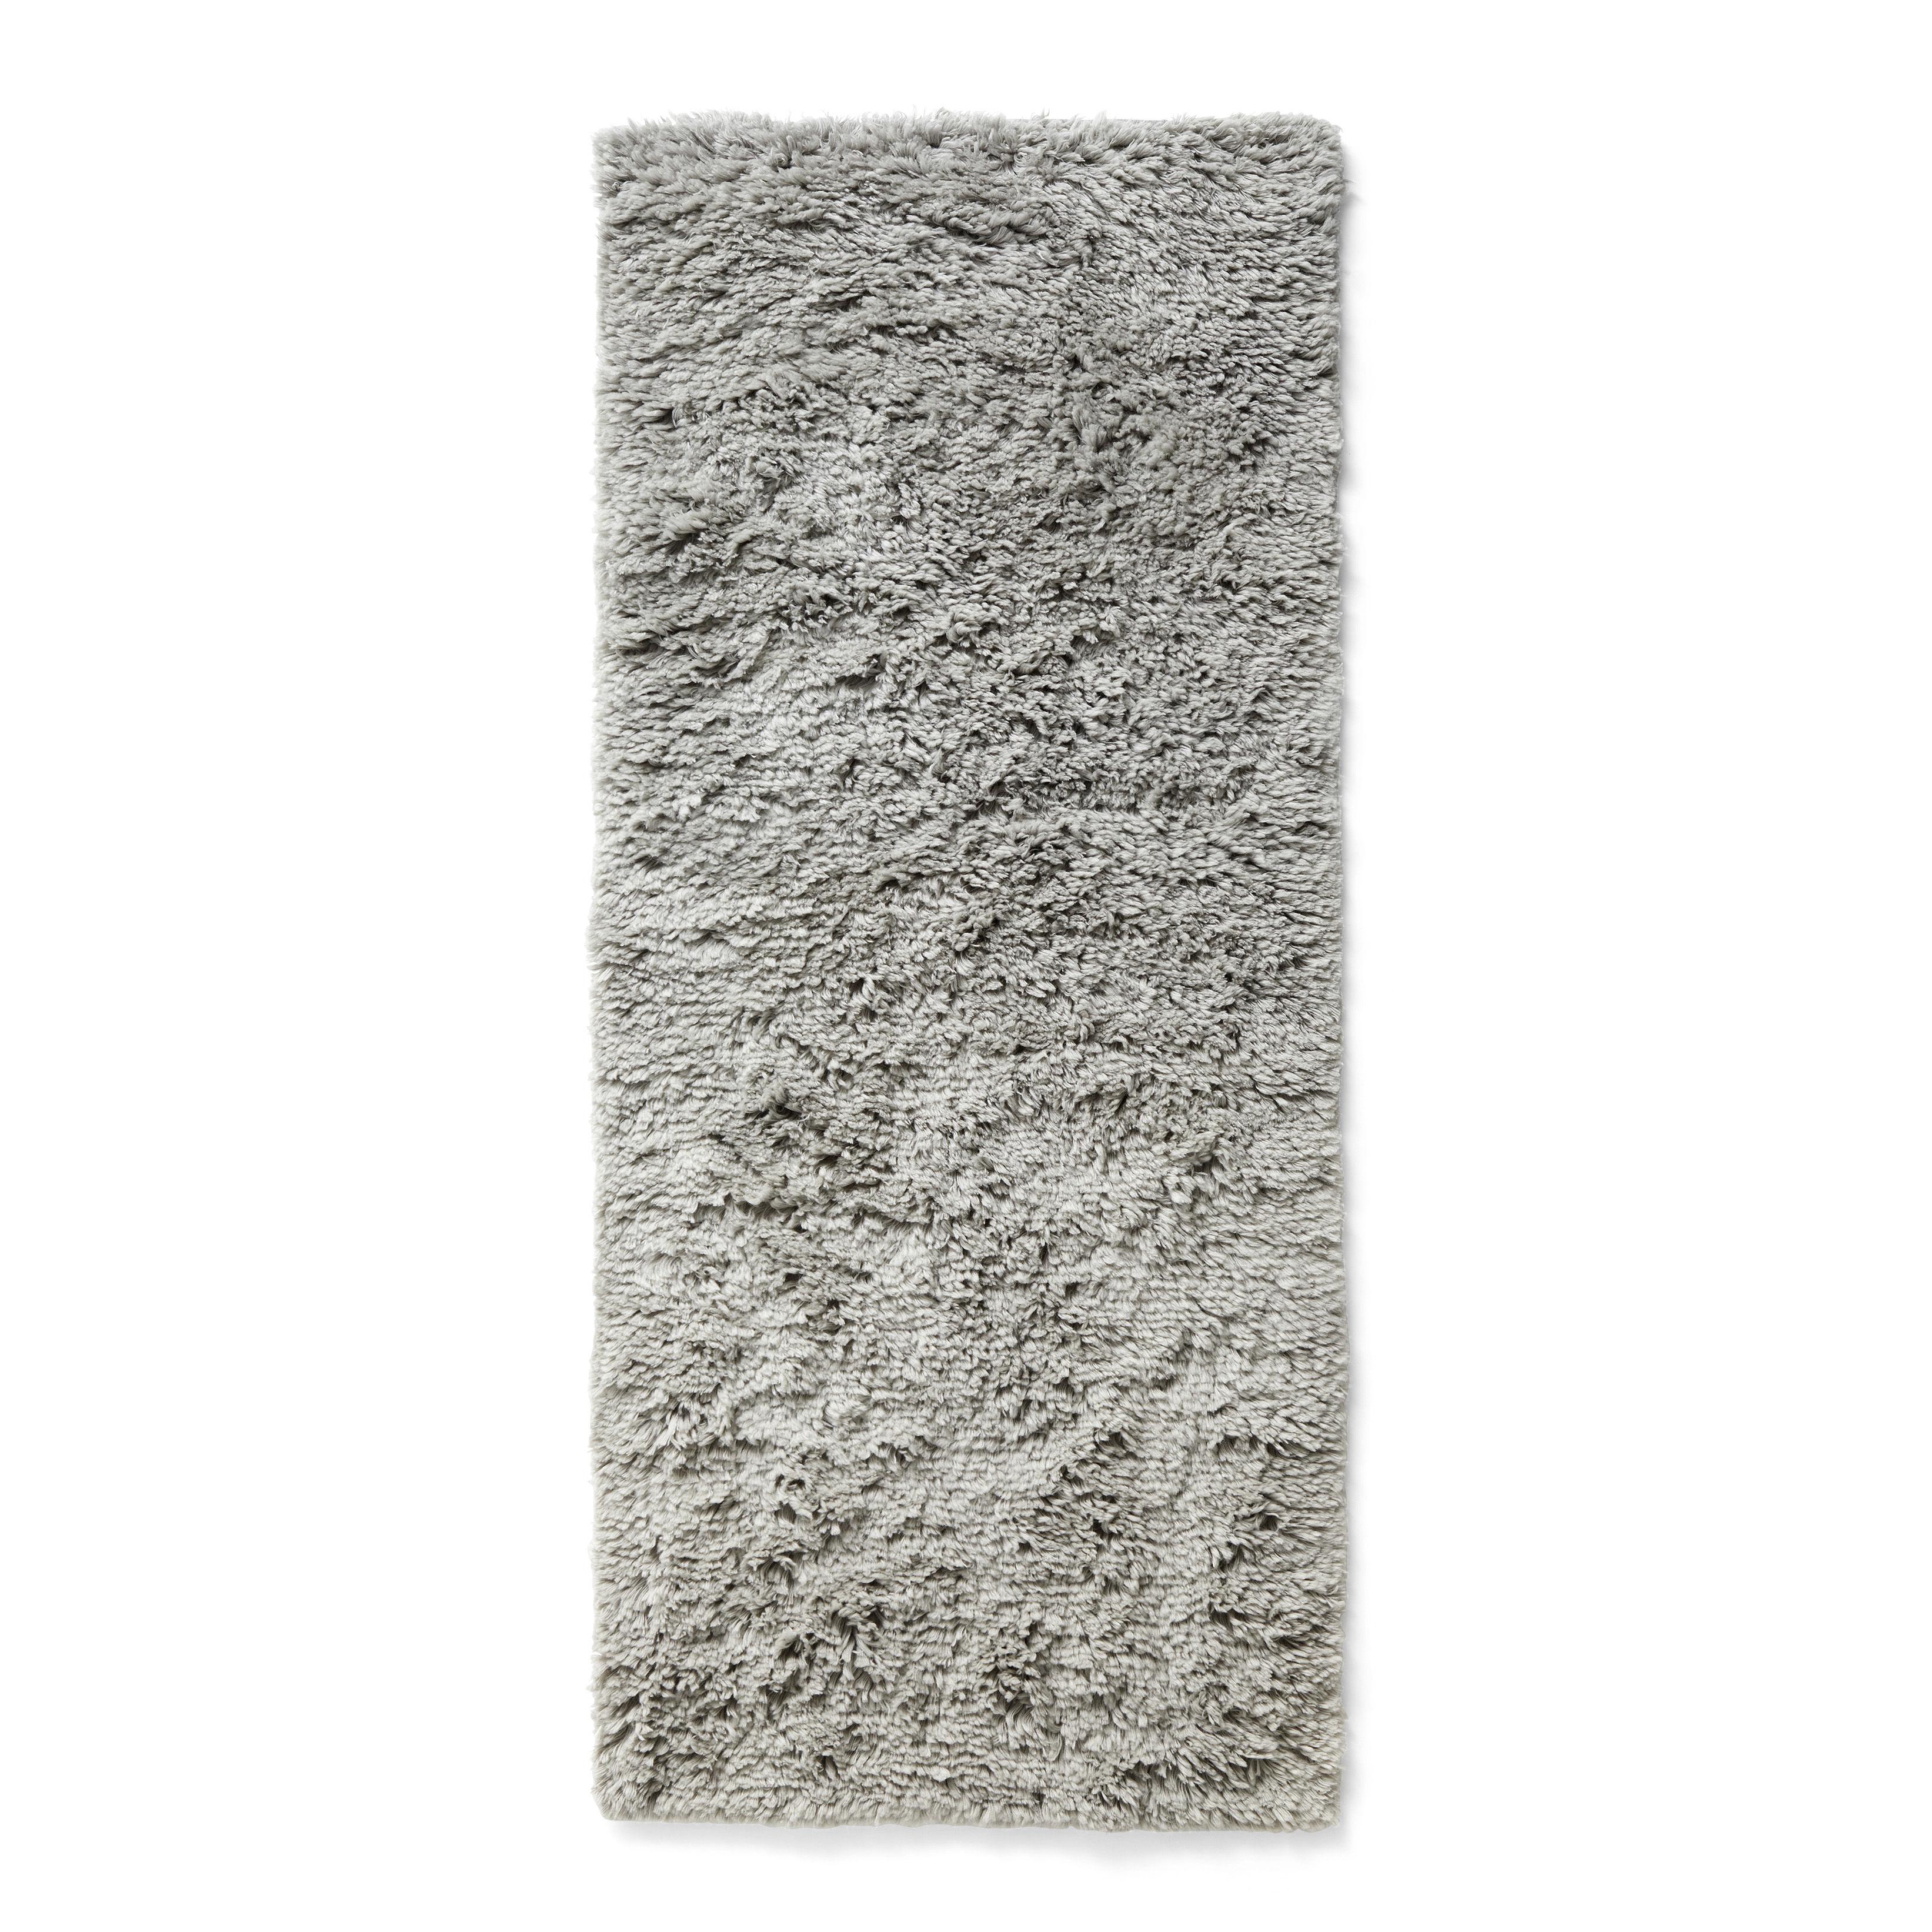 Déco - Tapis - Tapis Shaggy / 80 x 200 cm - Poils longs - Hay - Gris chaud - Laine